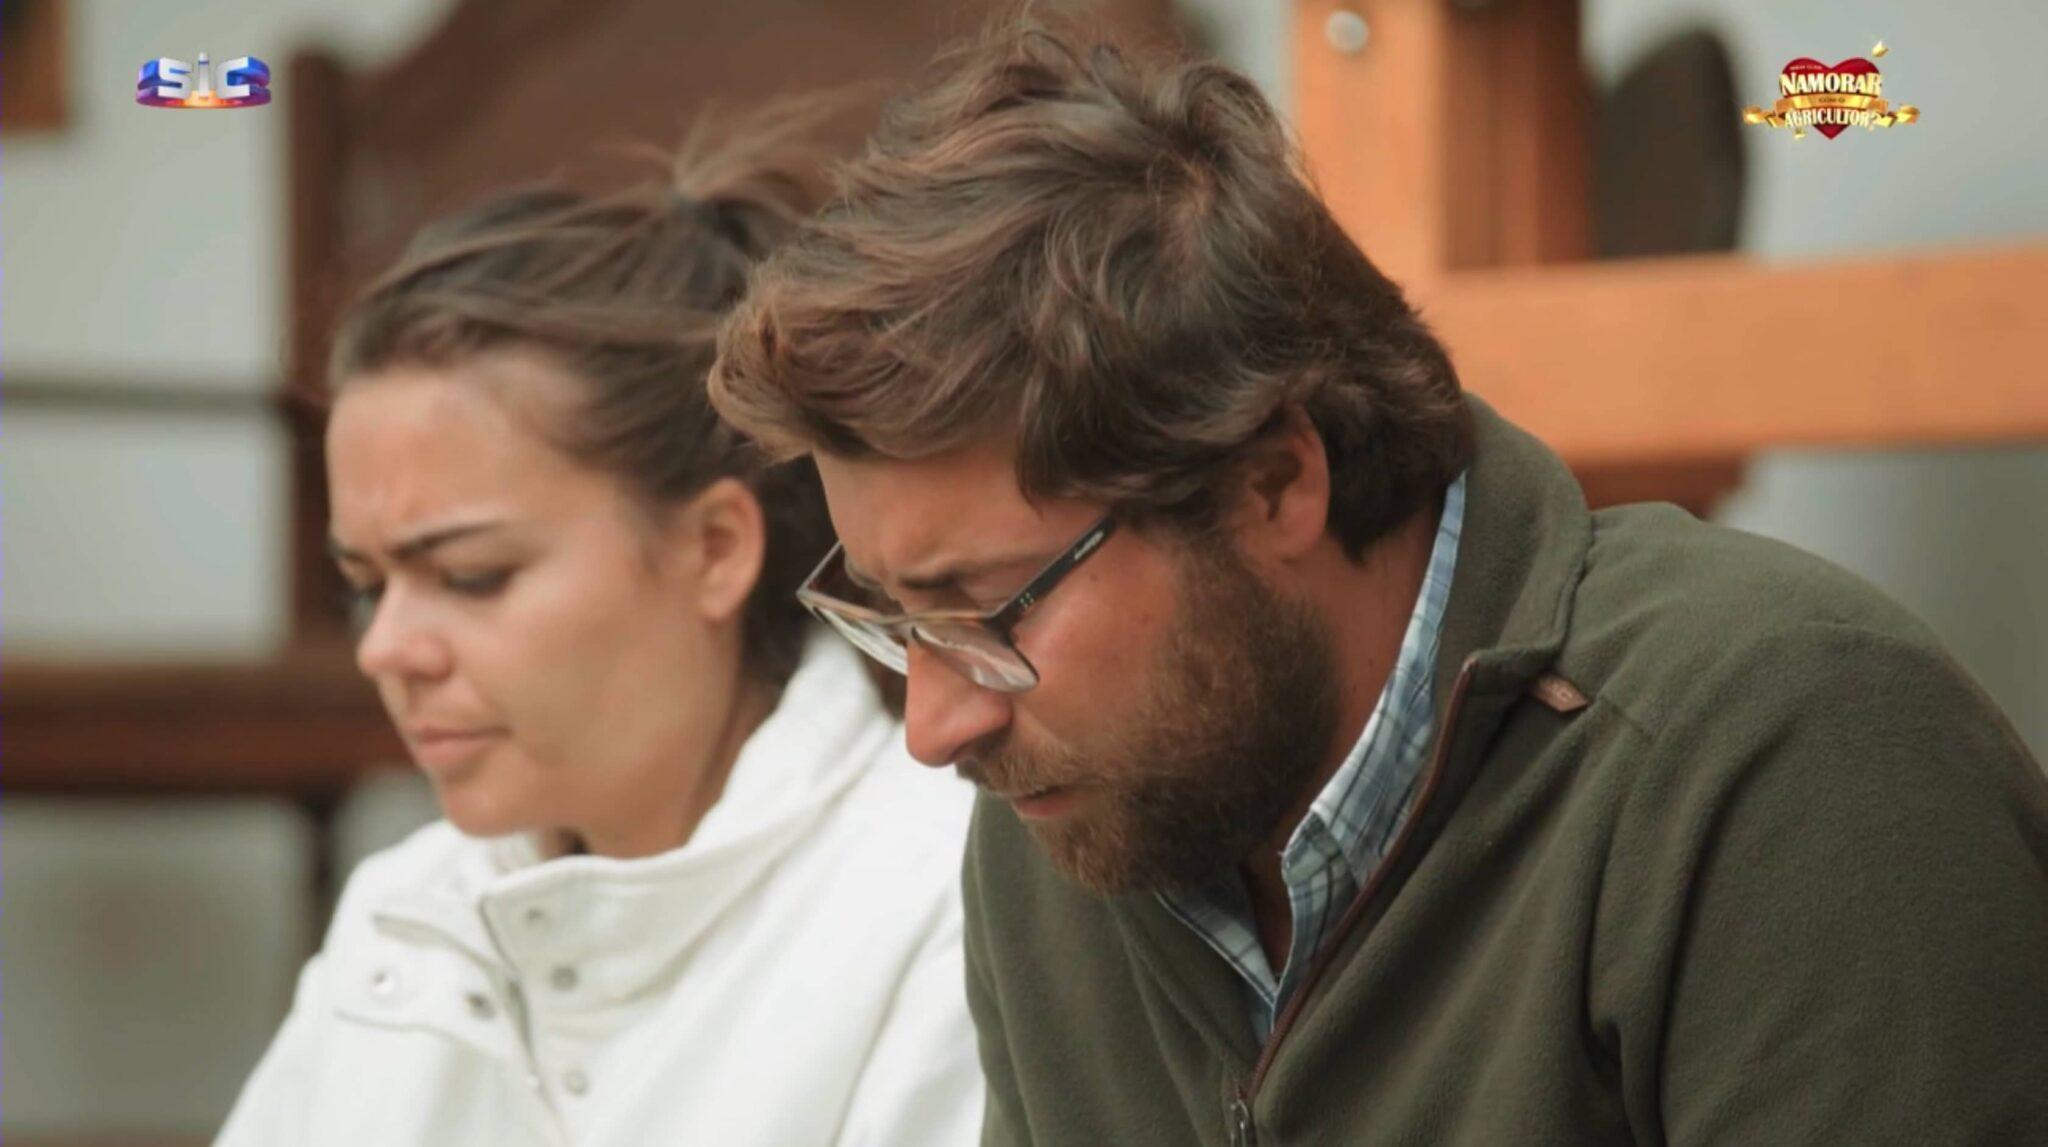 """joao paliotes quem quer namorar com agricultor scaled 'Quem Quer Namorar com o Agricultor'. João Paliotes chora: """"Tive que explodir"""""""